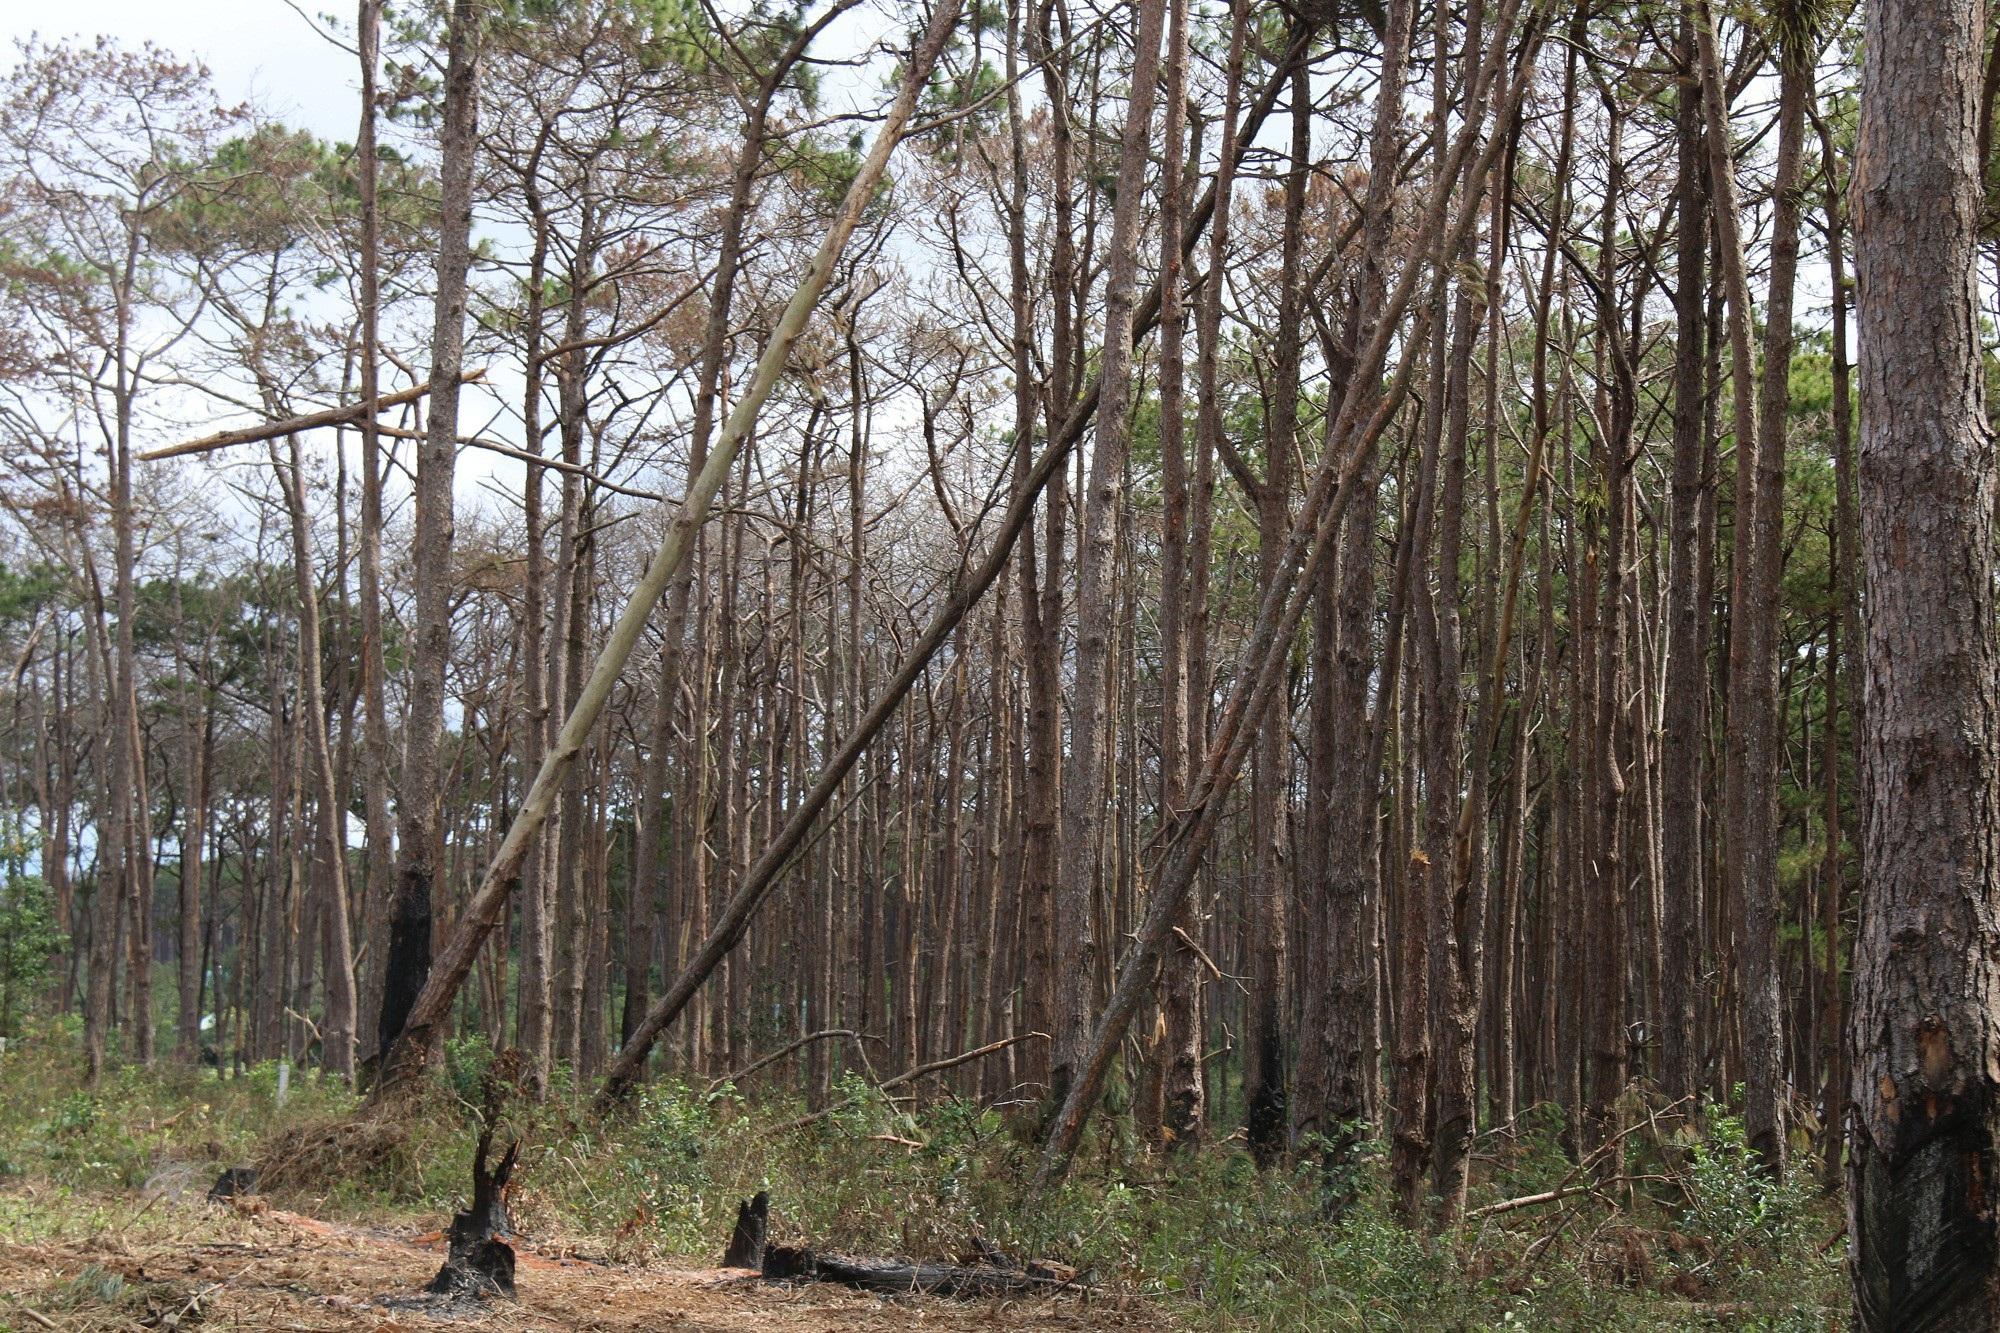 Dự án vừa bị thu hồi, rừng ngay lập tức bị bức tử - Ảnh 2.